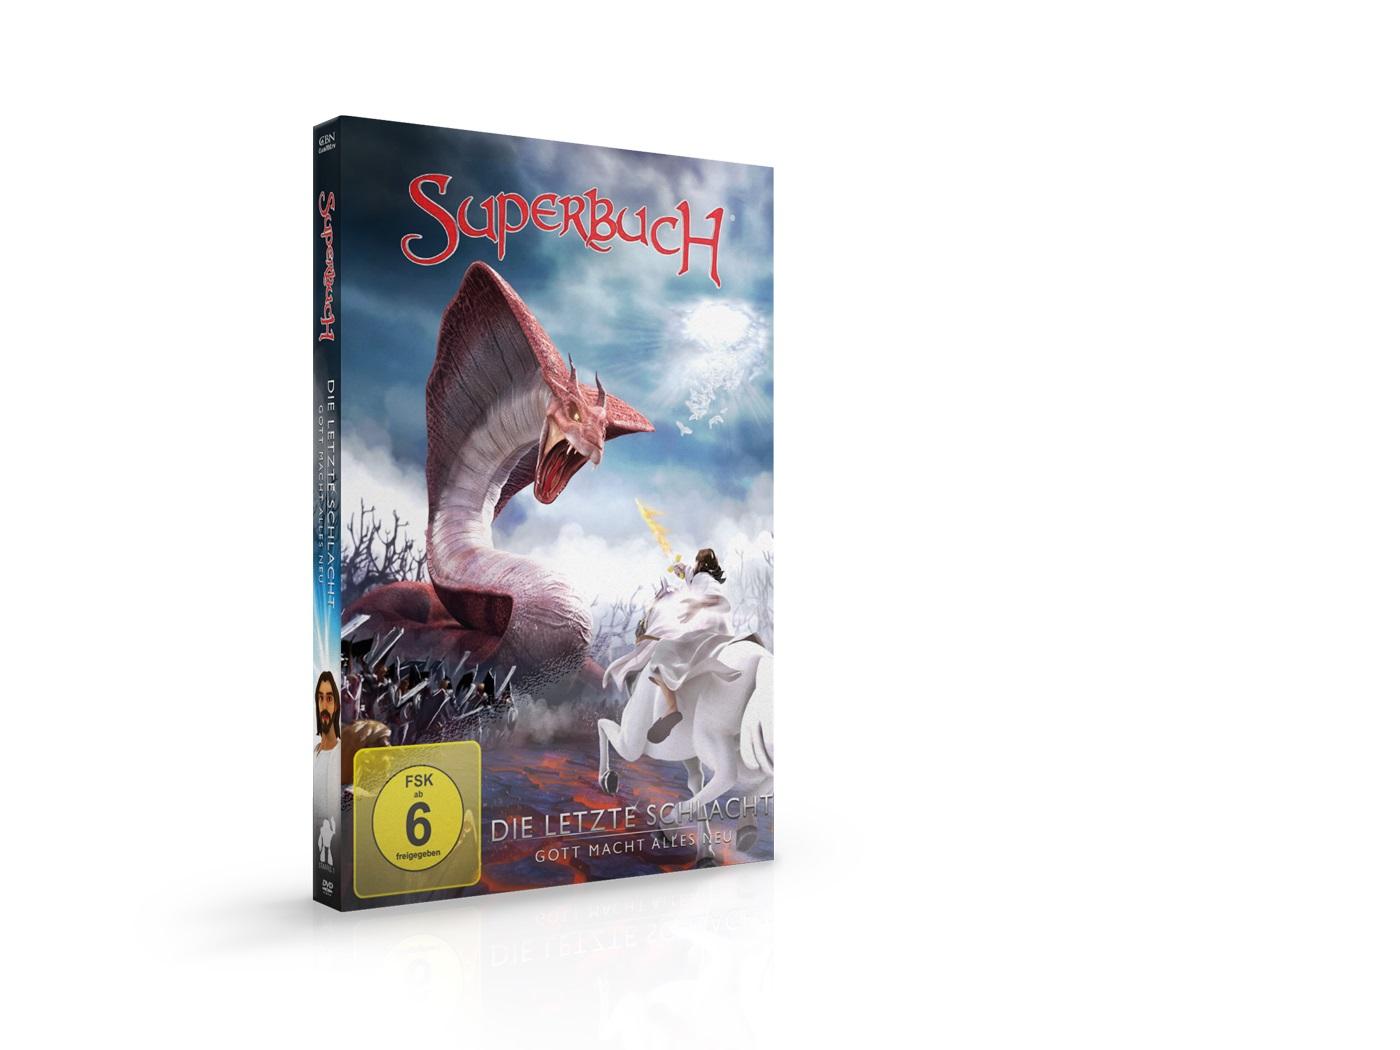 Superbuch – Die letzte Schlacht